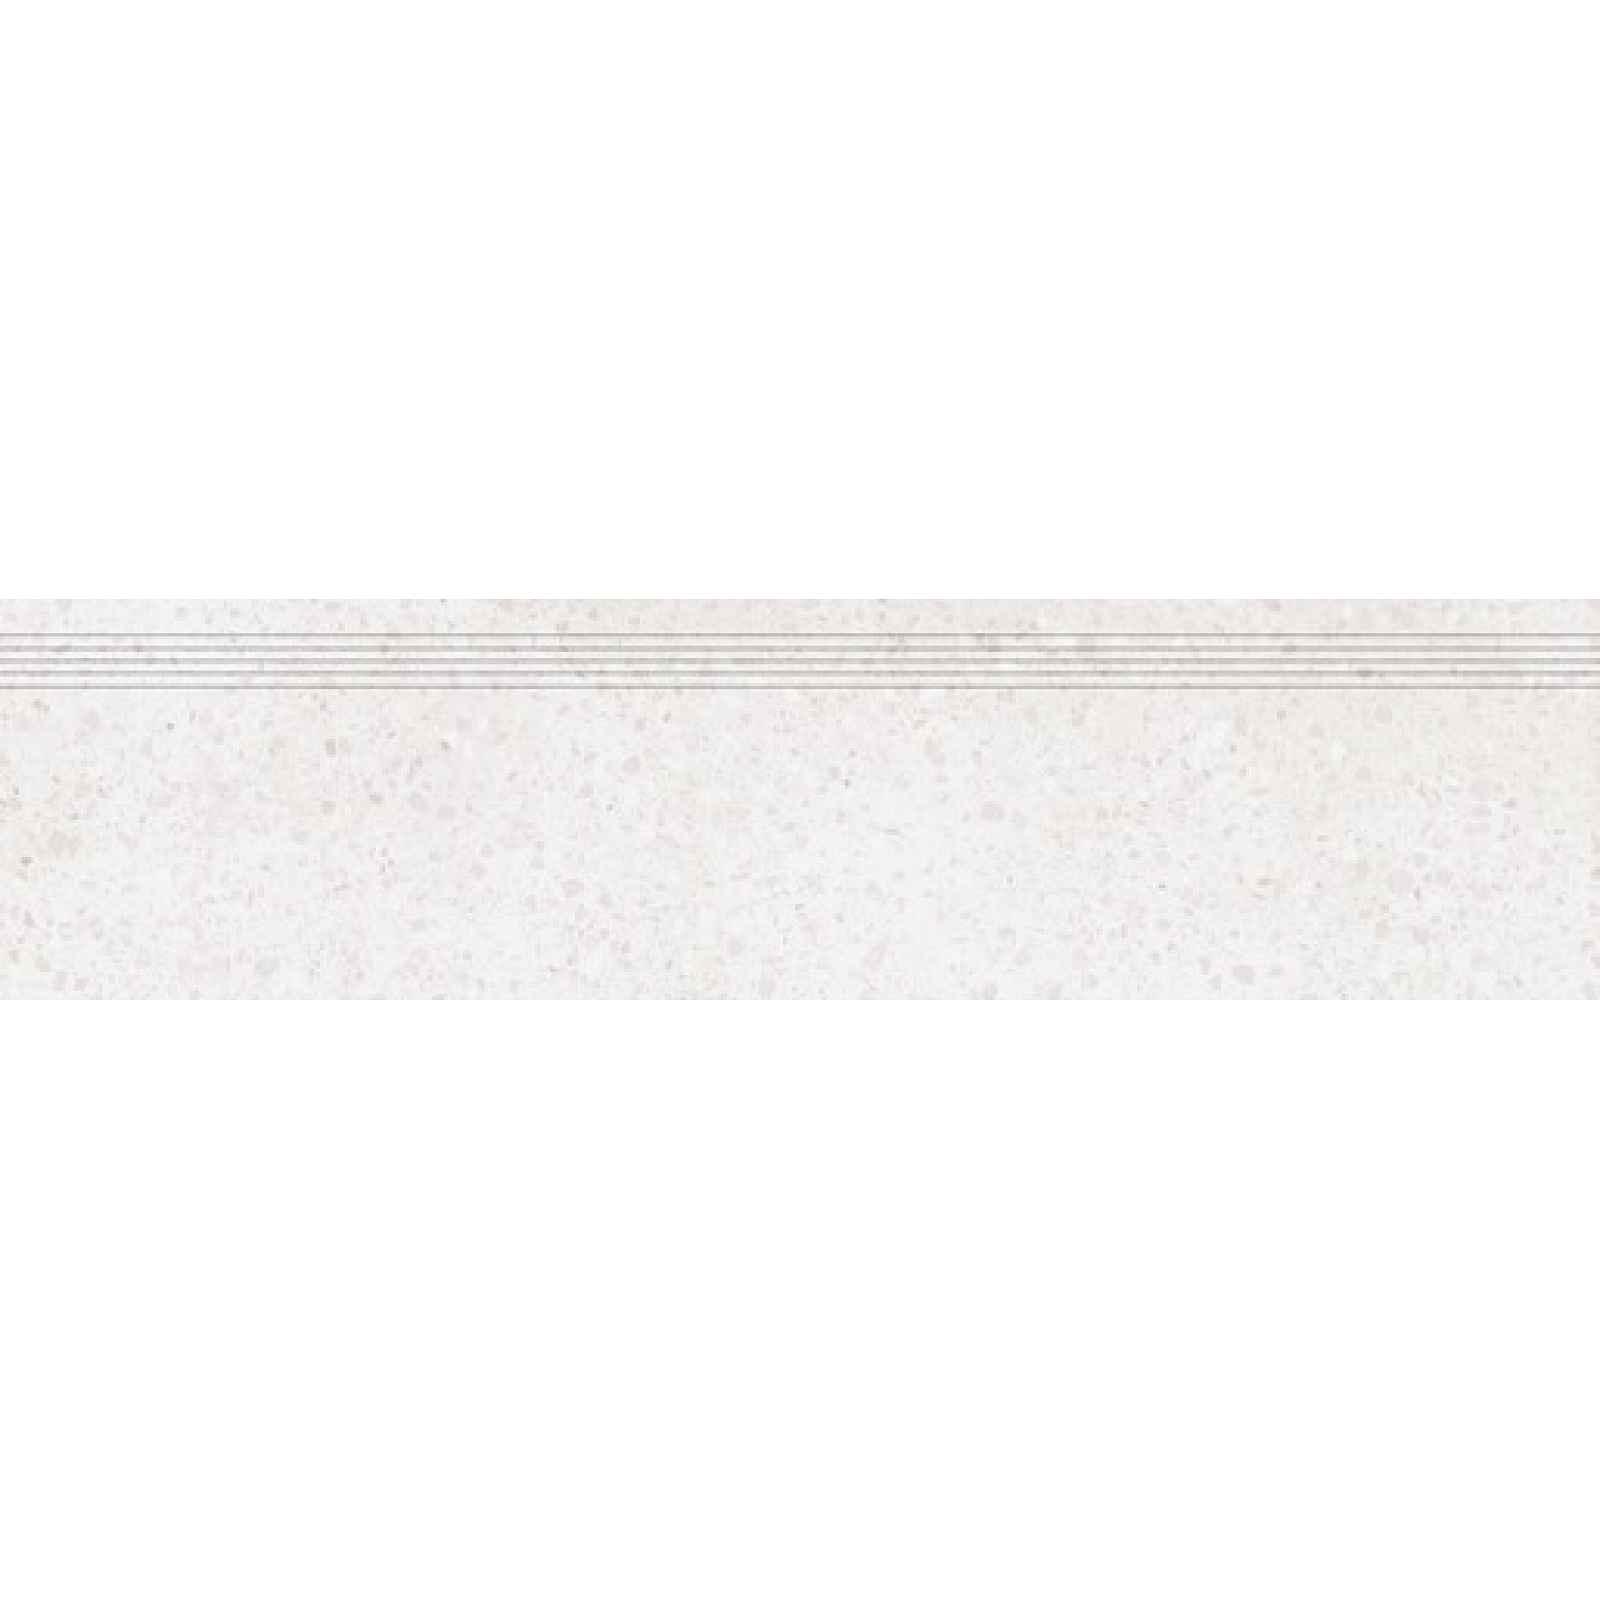 Schodovka RAKO Porfido bílá 30x120 cm mat / lesk DCPVF810.1